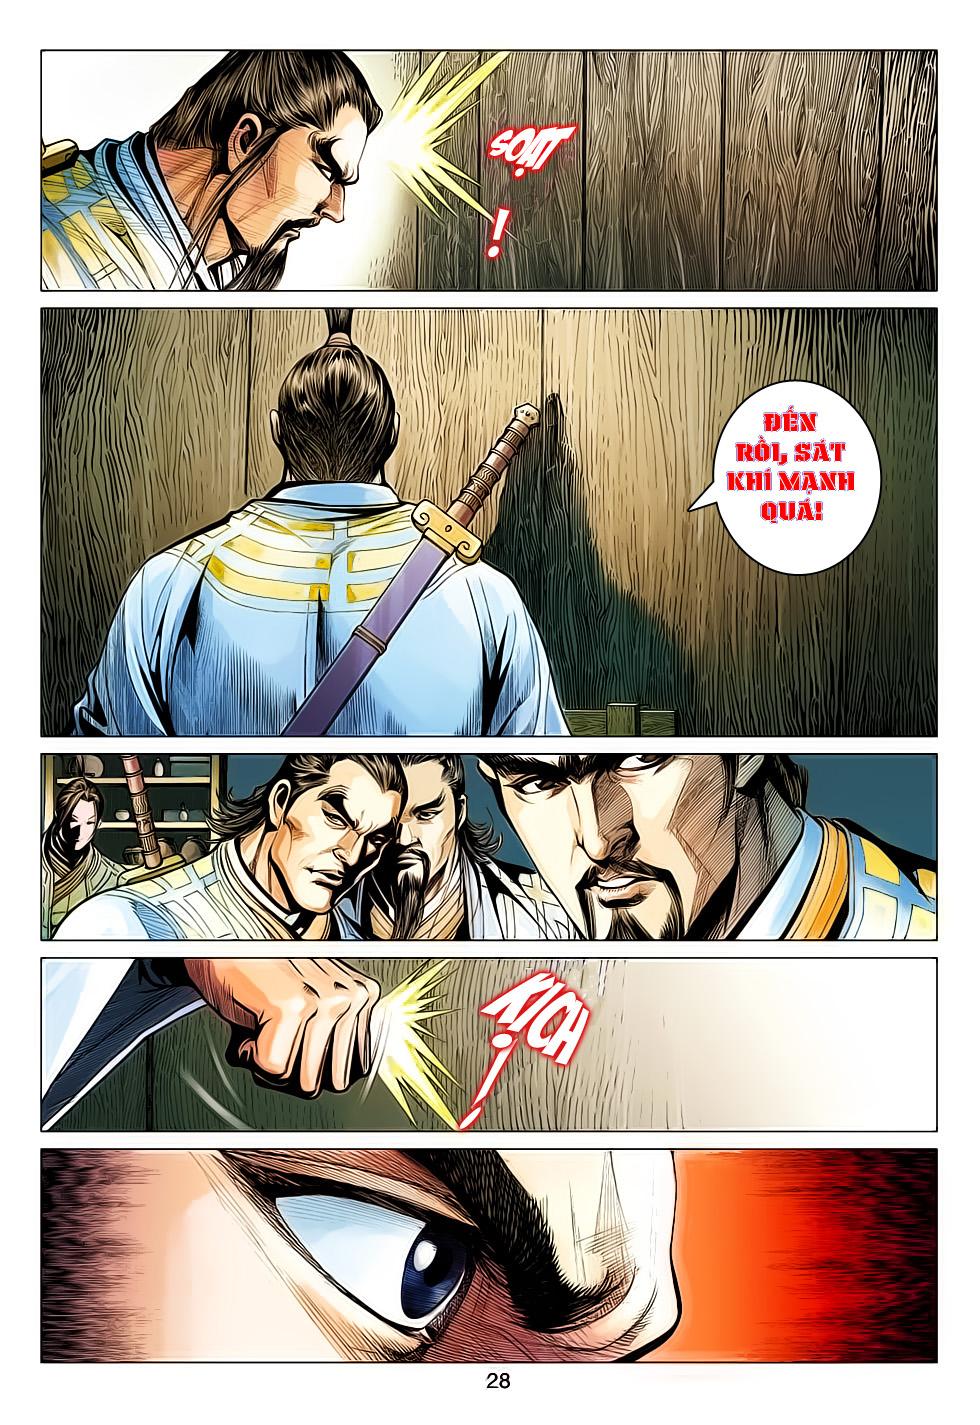 Anh Hùng Xạ Điêu anh hùng xạ đêu chap 61: thất tử chiến thiết thi trang 28